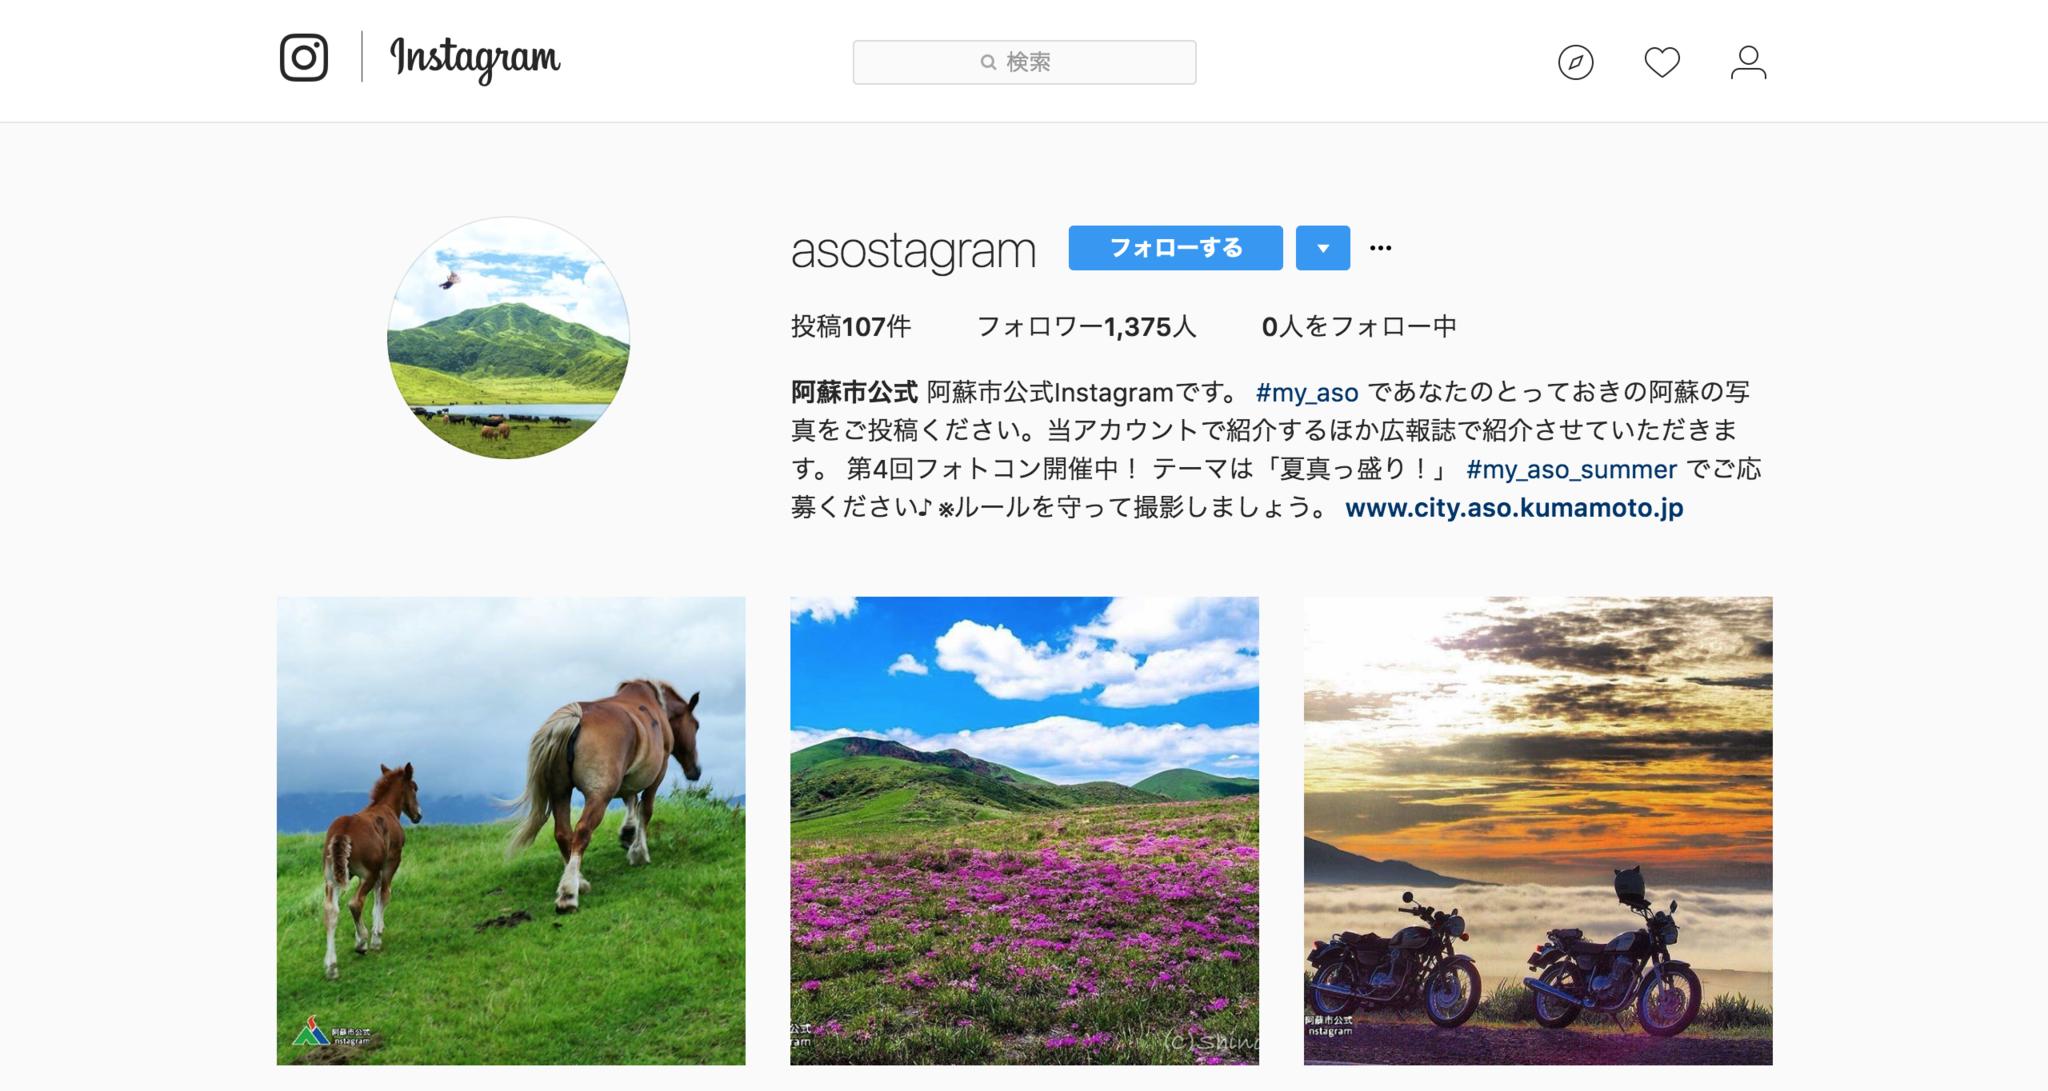 阿蘇市公式さん__asostagram__•_Instagram写真と動画.png